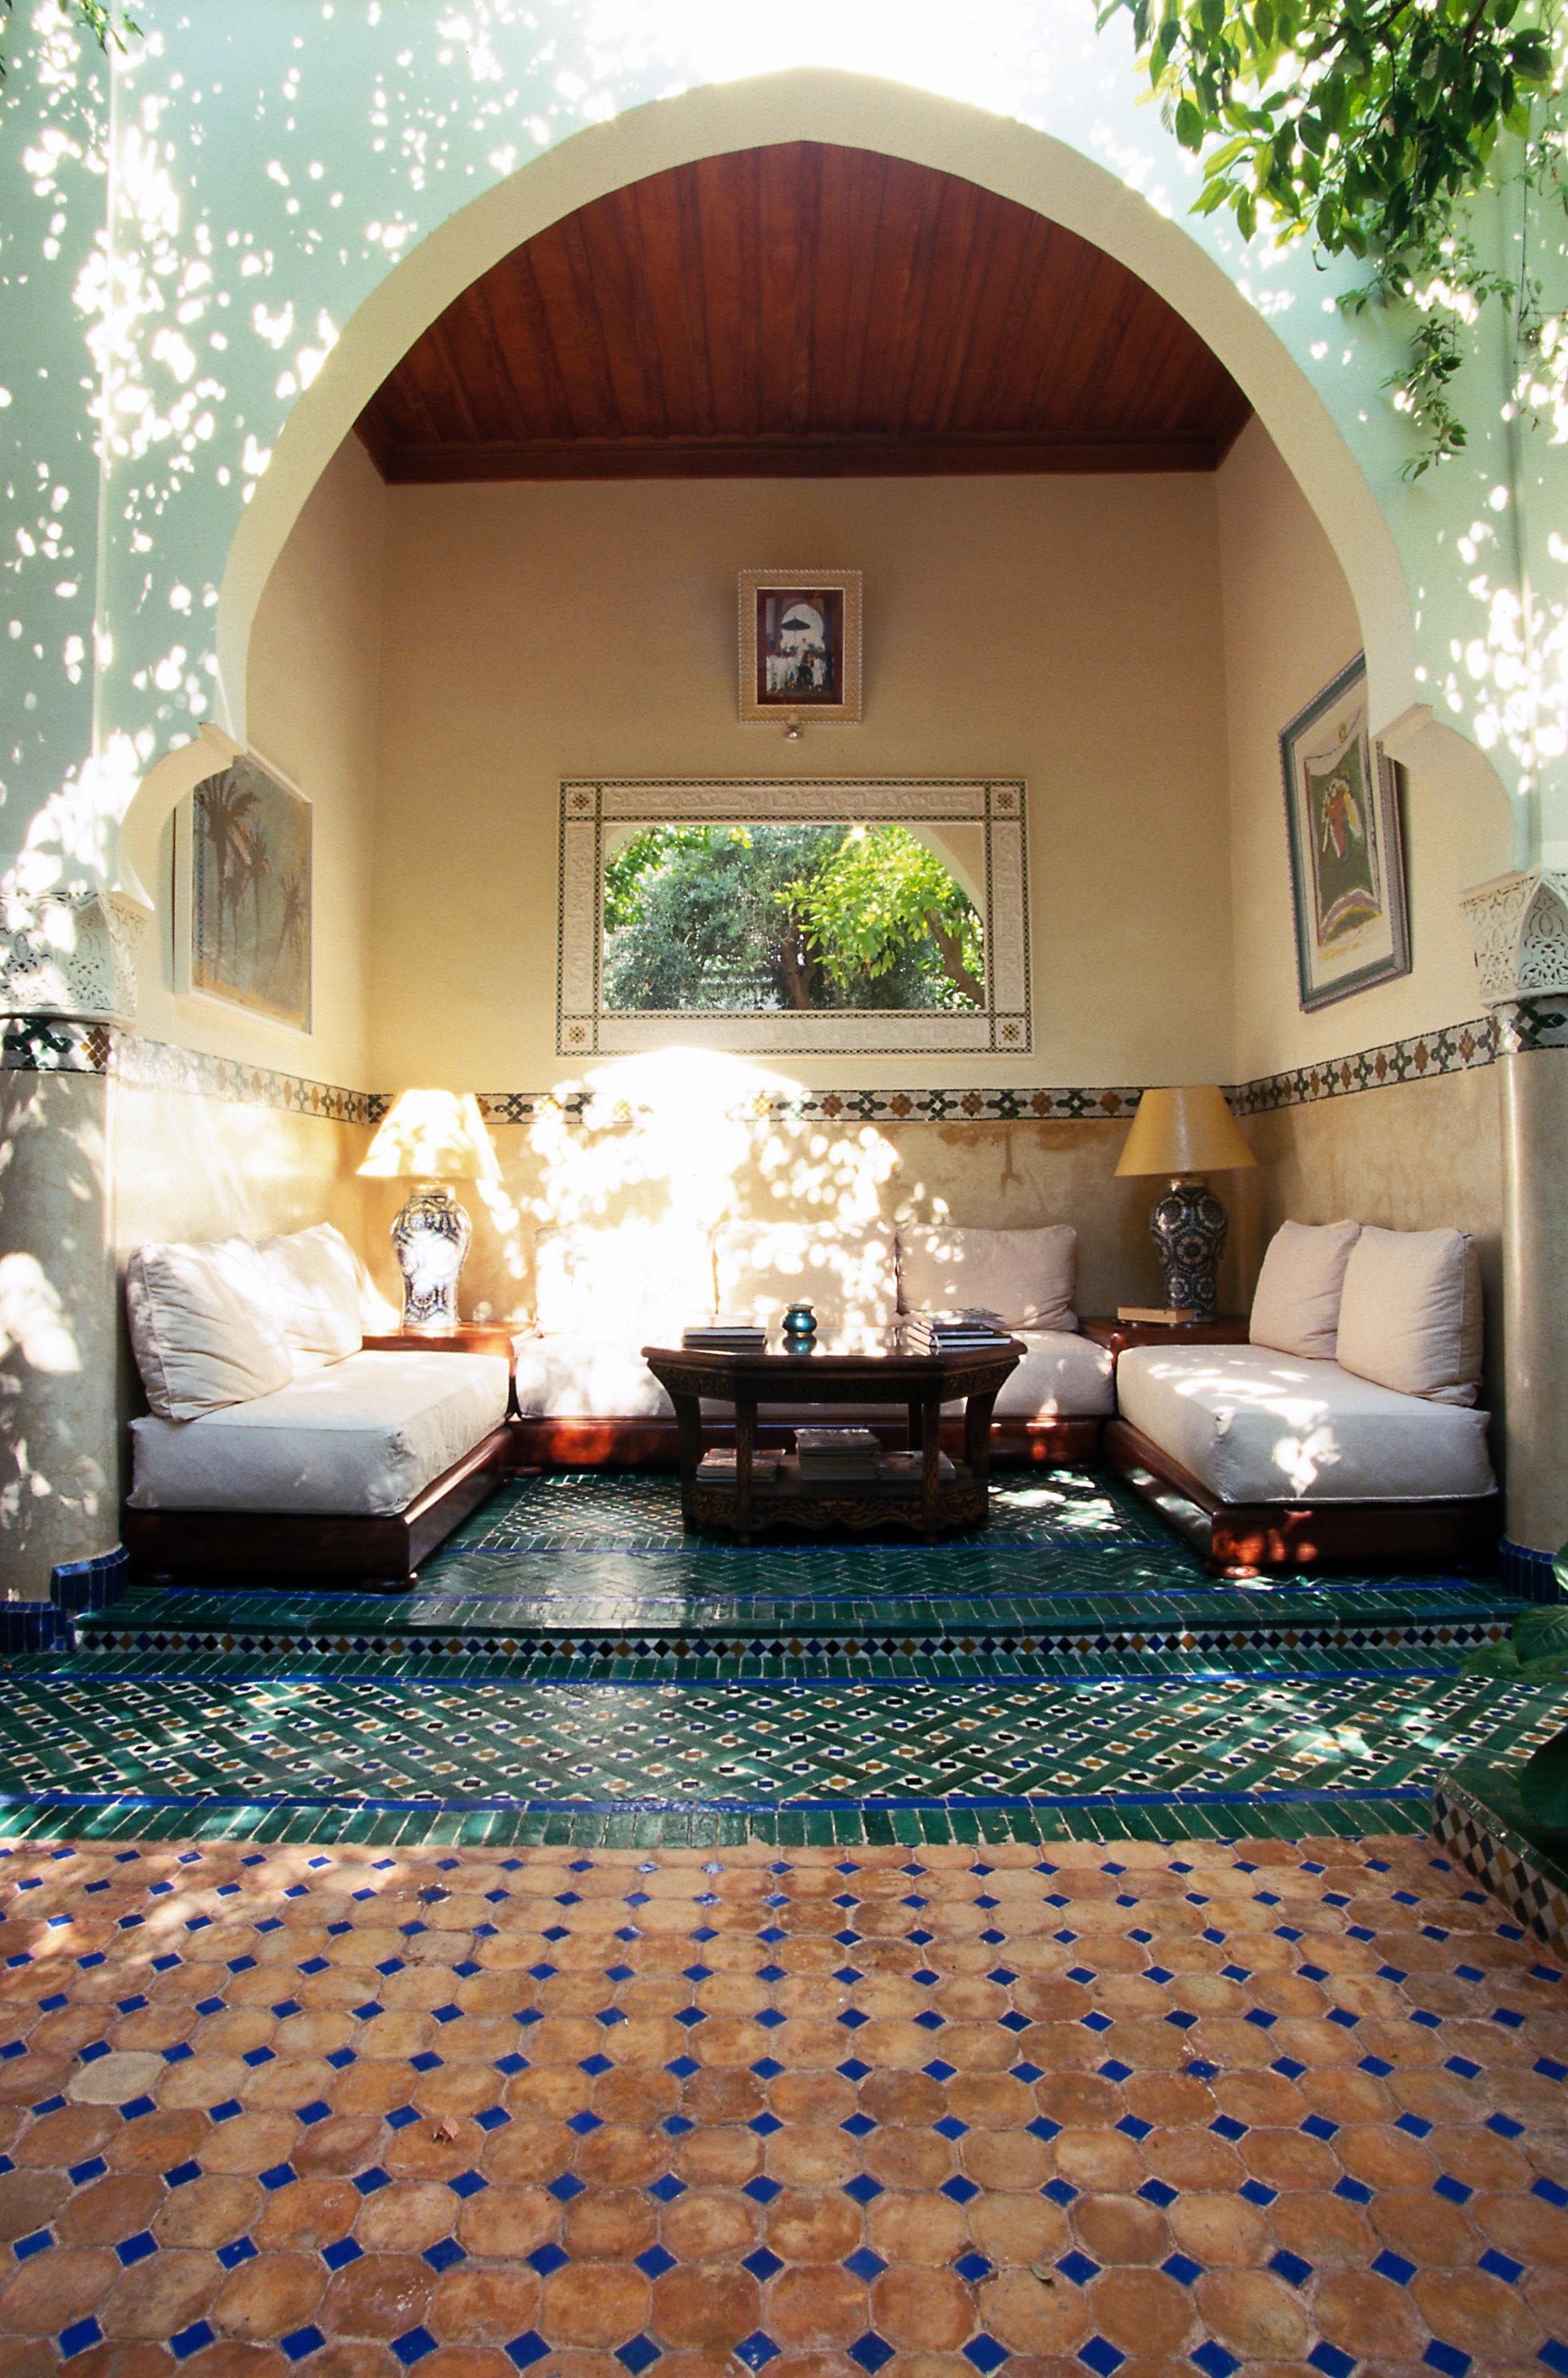 Arredare Casa Stile Marocco riad noga in marrakech | arredamento marocchino, stile